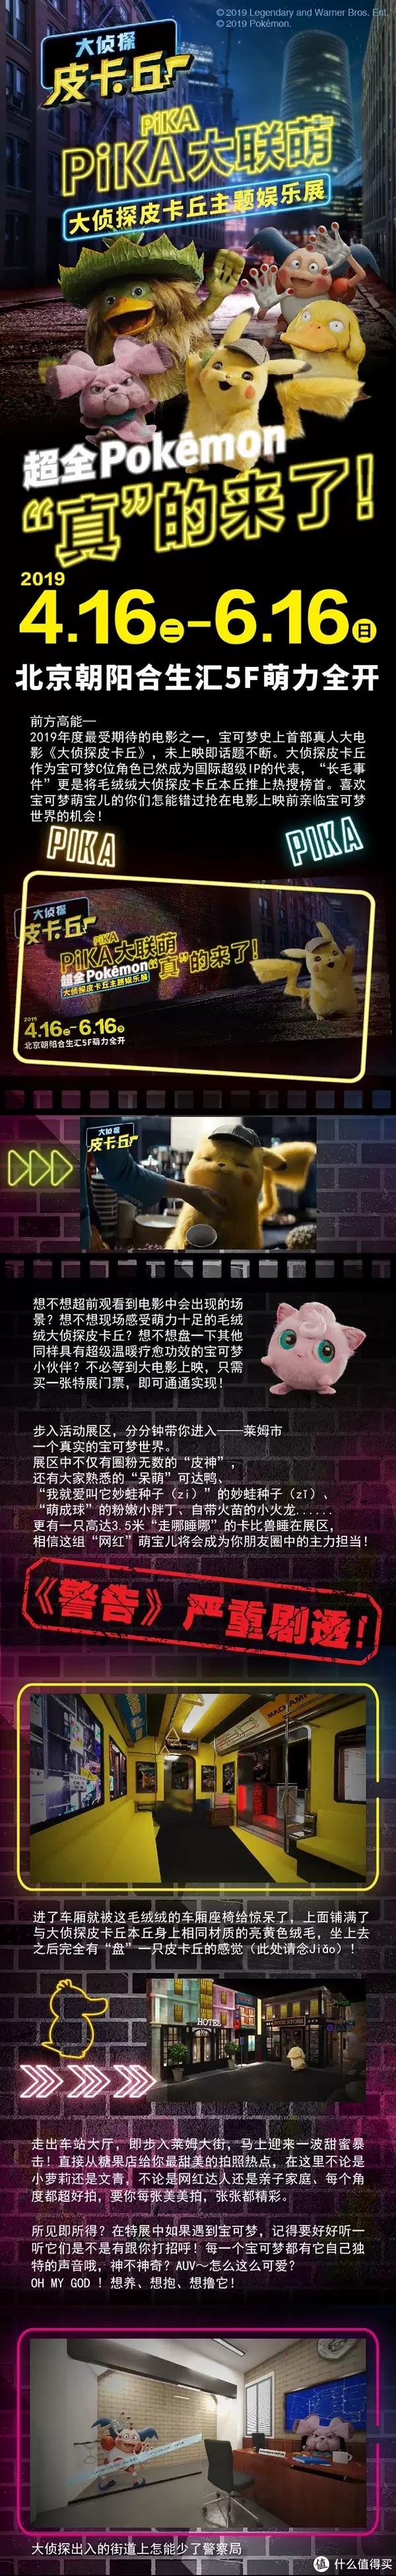 重返宝可梦:《大侦探皮卡丘》主题展今日北京开幕!